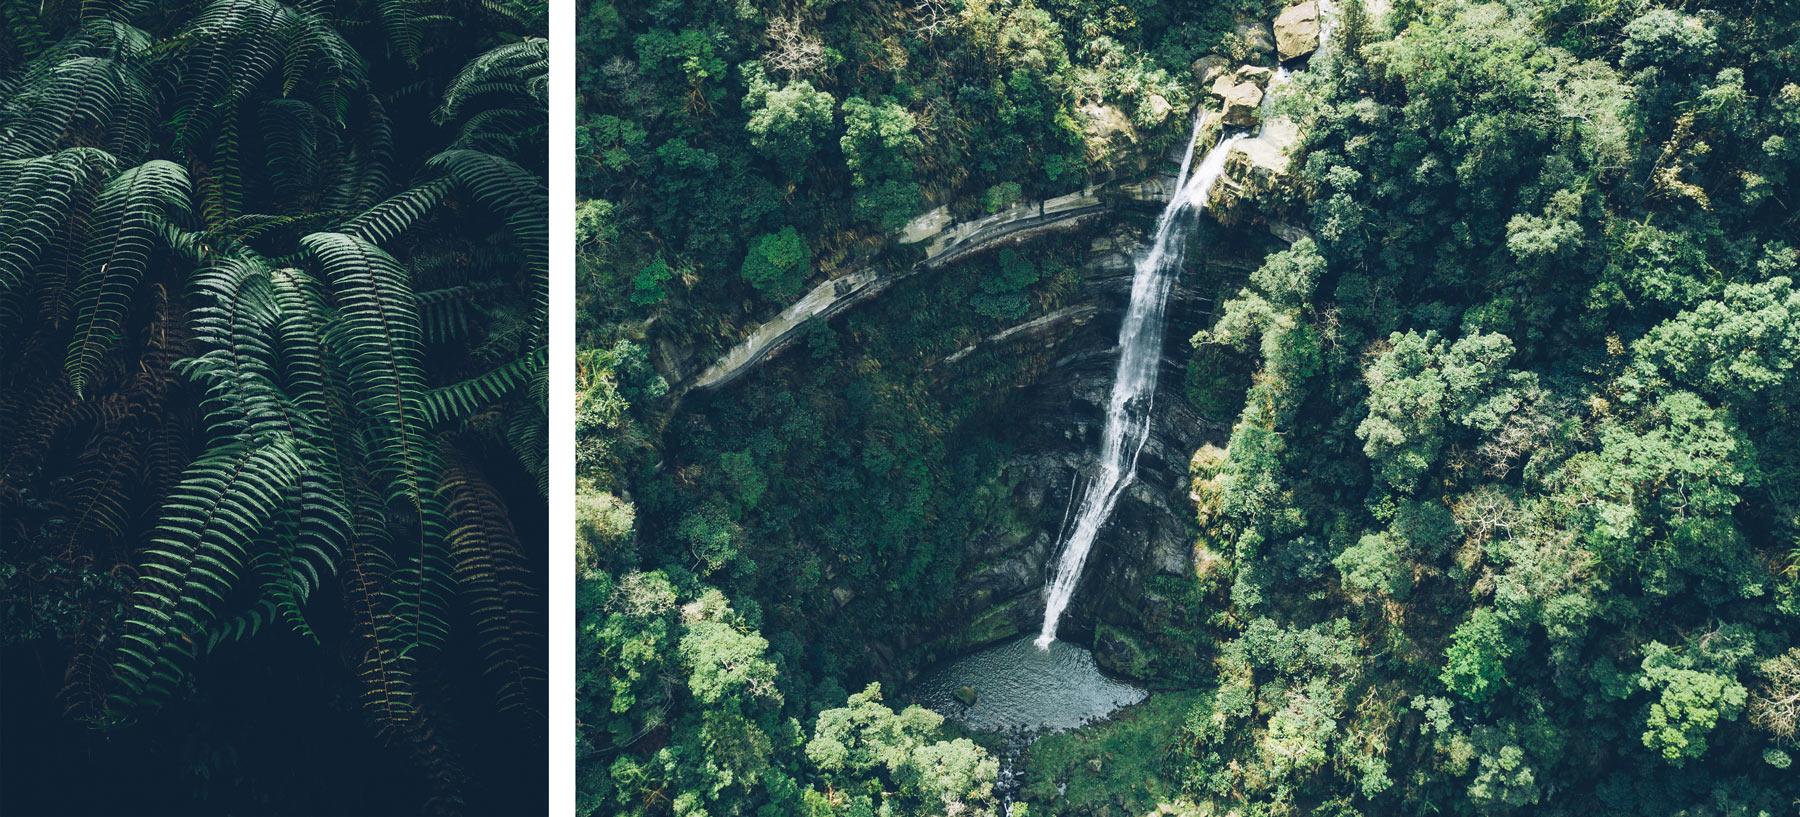 Cascade Taiwan